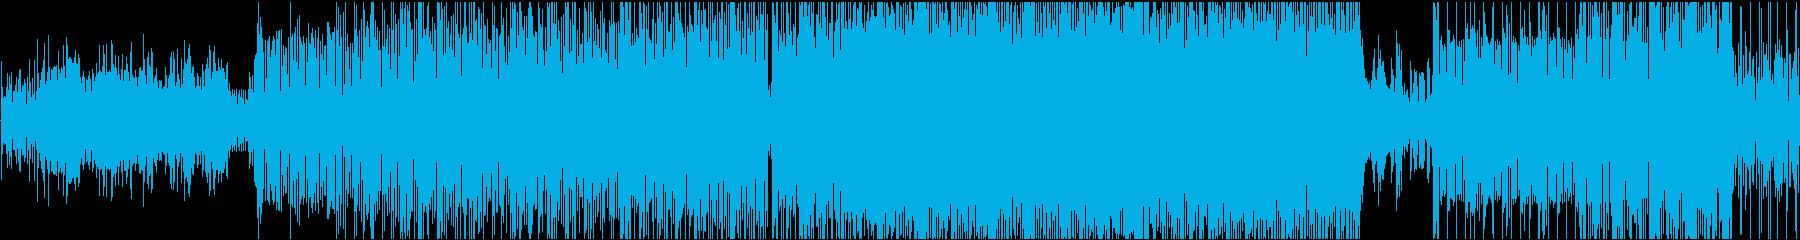 激しくてインパクトのあるメロディーの再生済みの波形